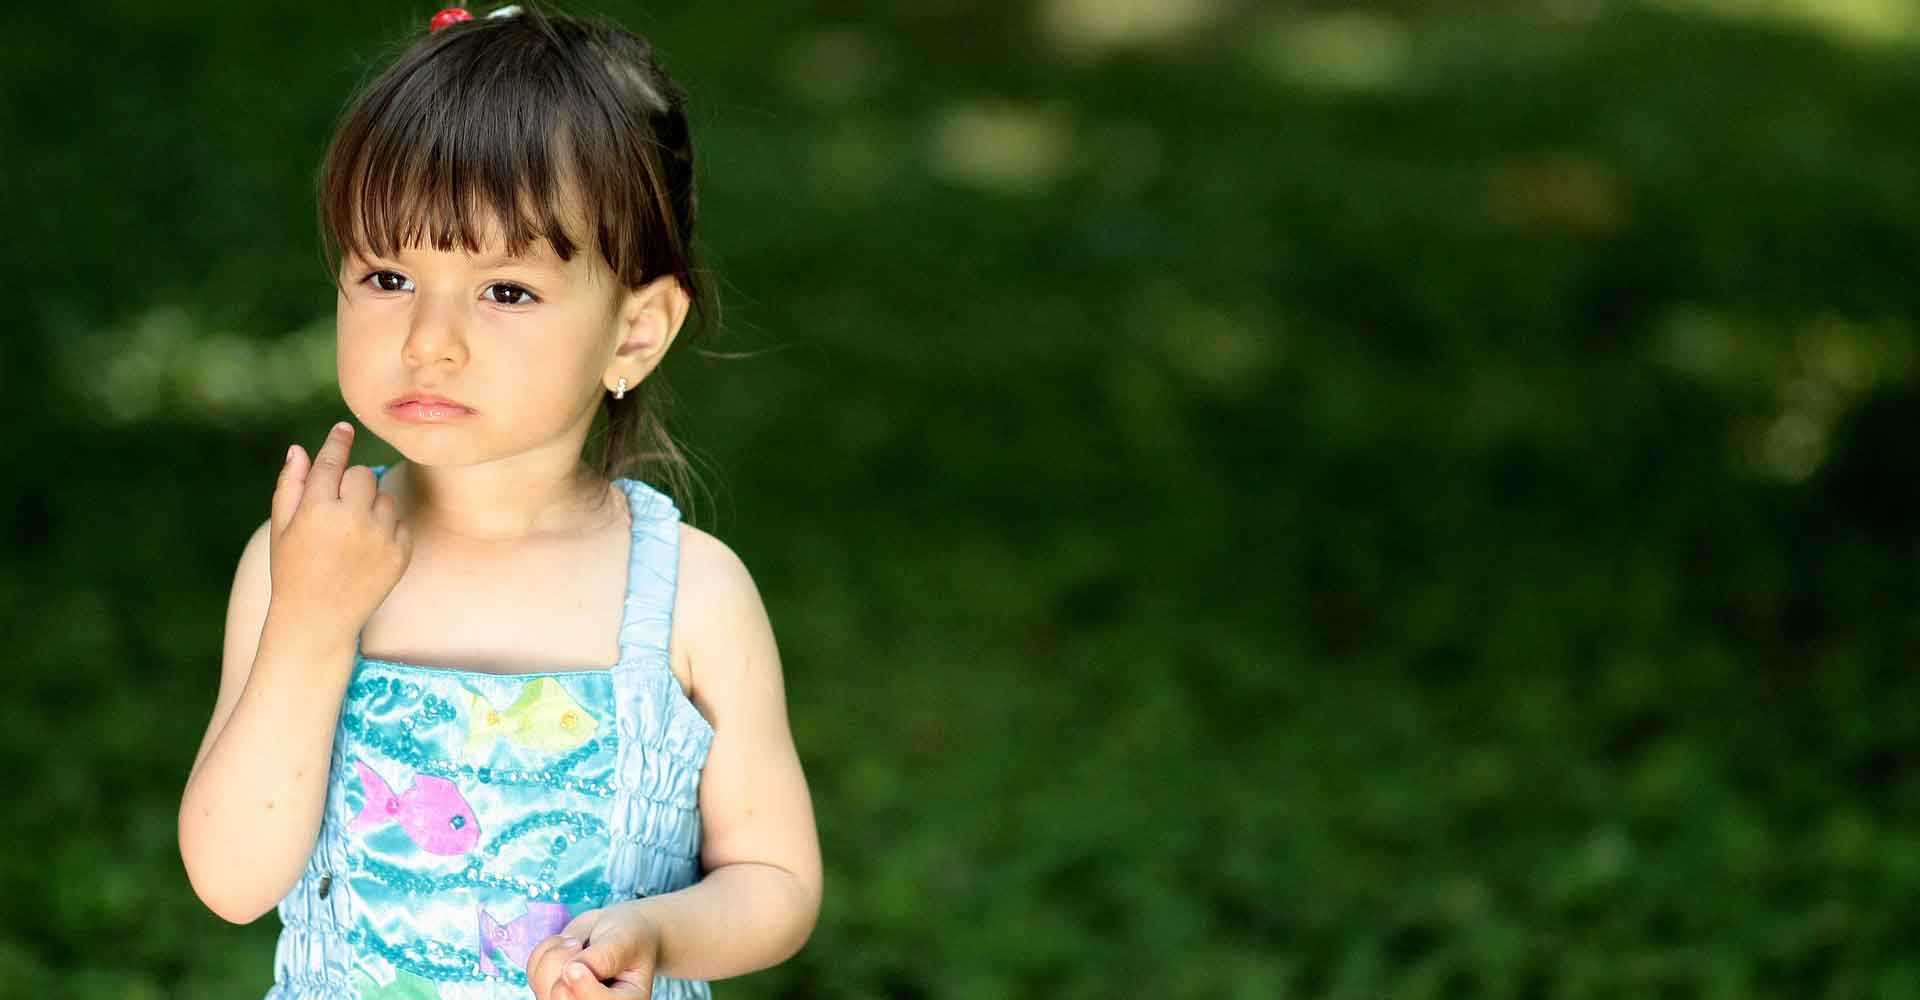 One Piece dress for Kids